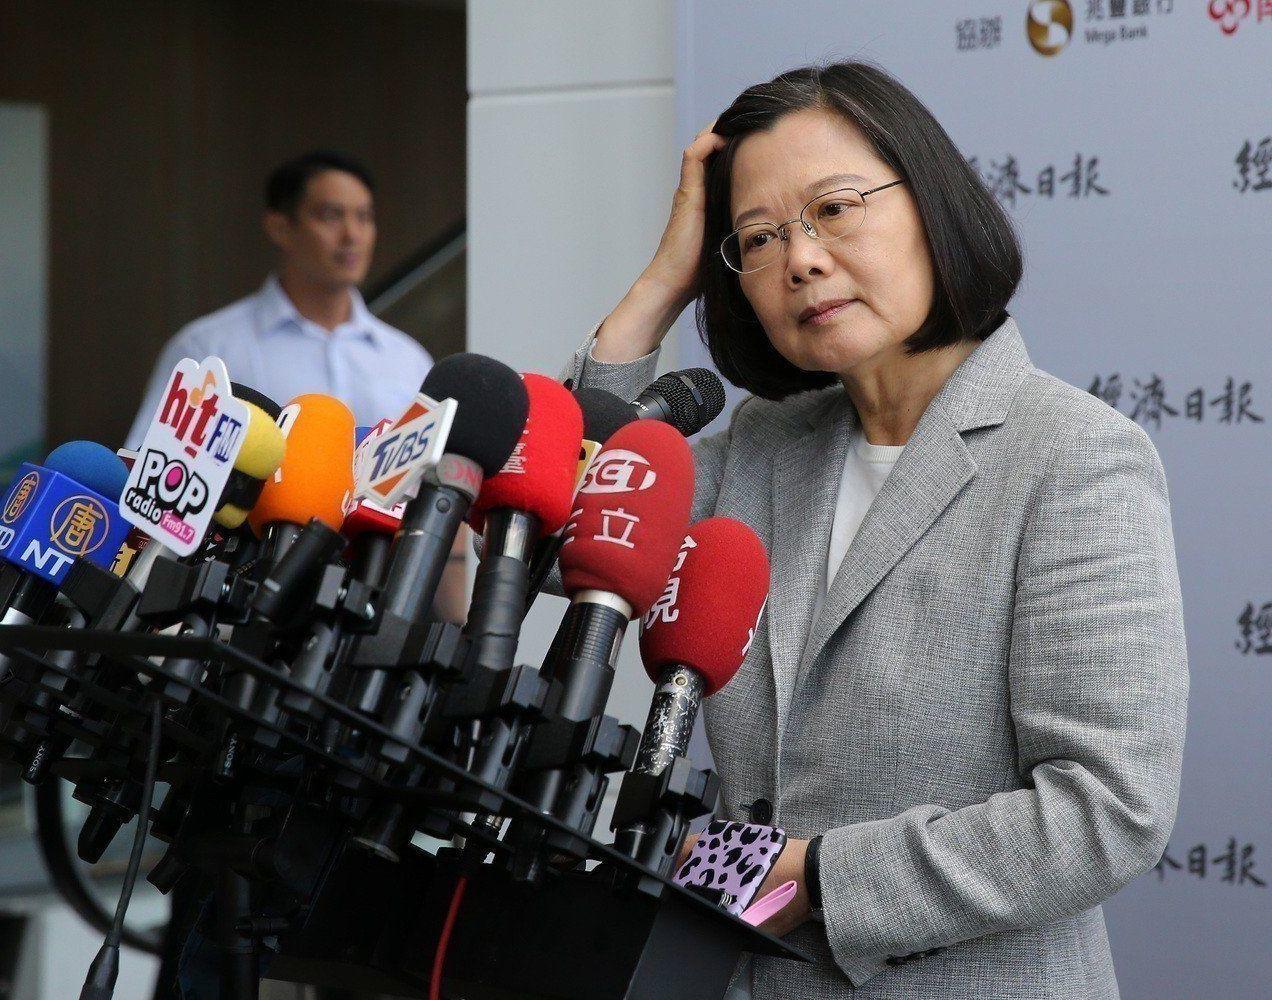 總統蔡英文今天表示,2020總統大選,台灣選民會聚焦在國家的未來,尤其是民主自由...